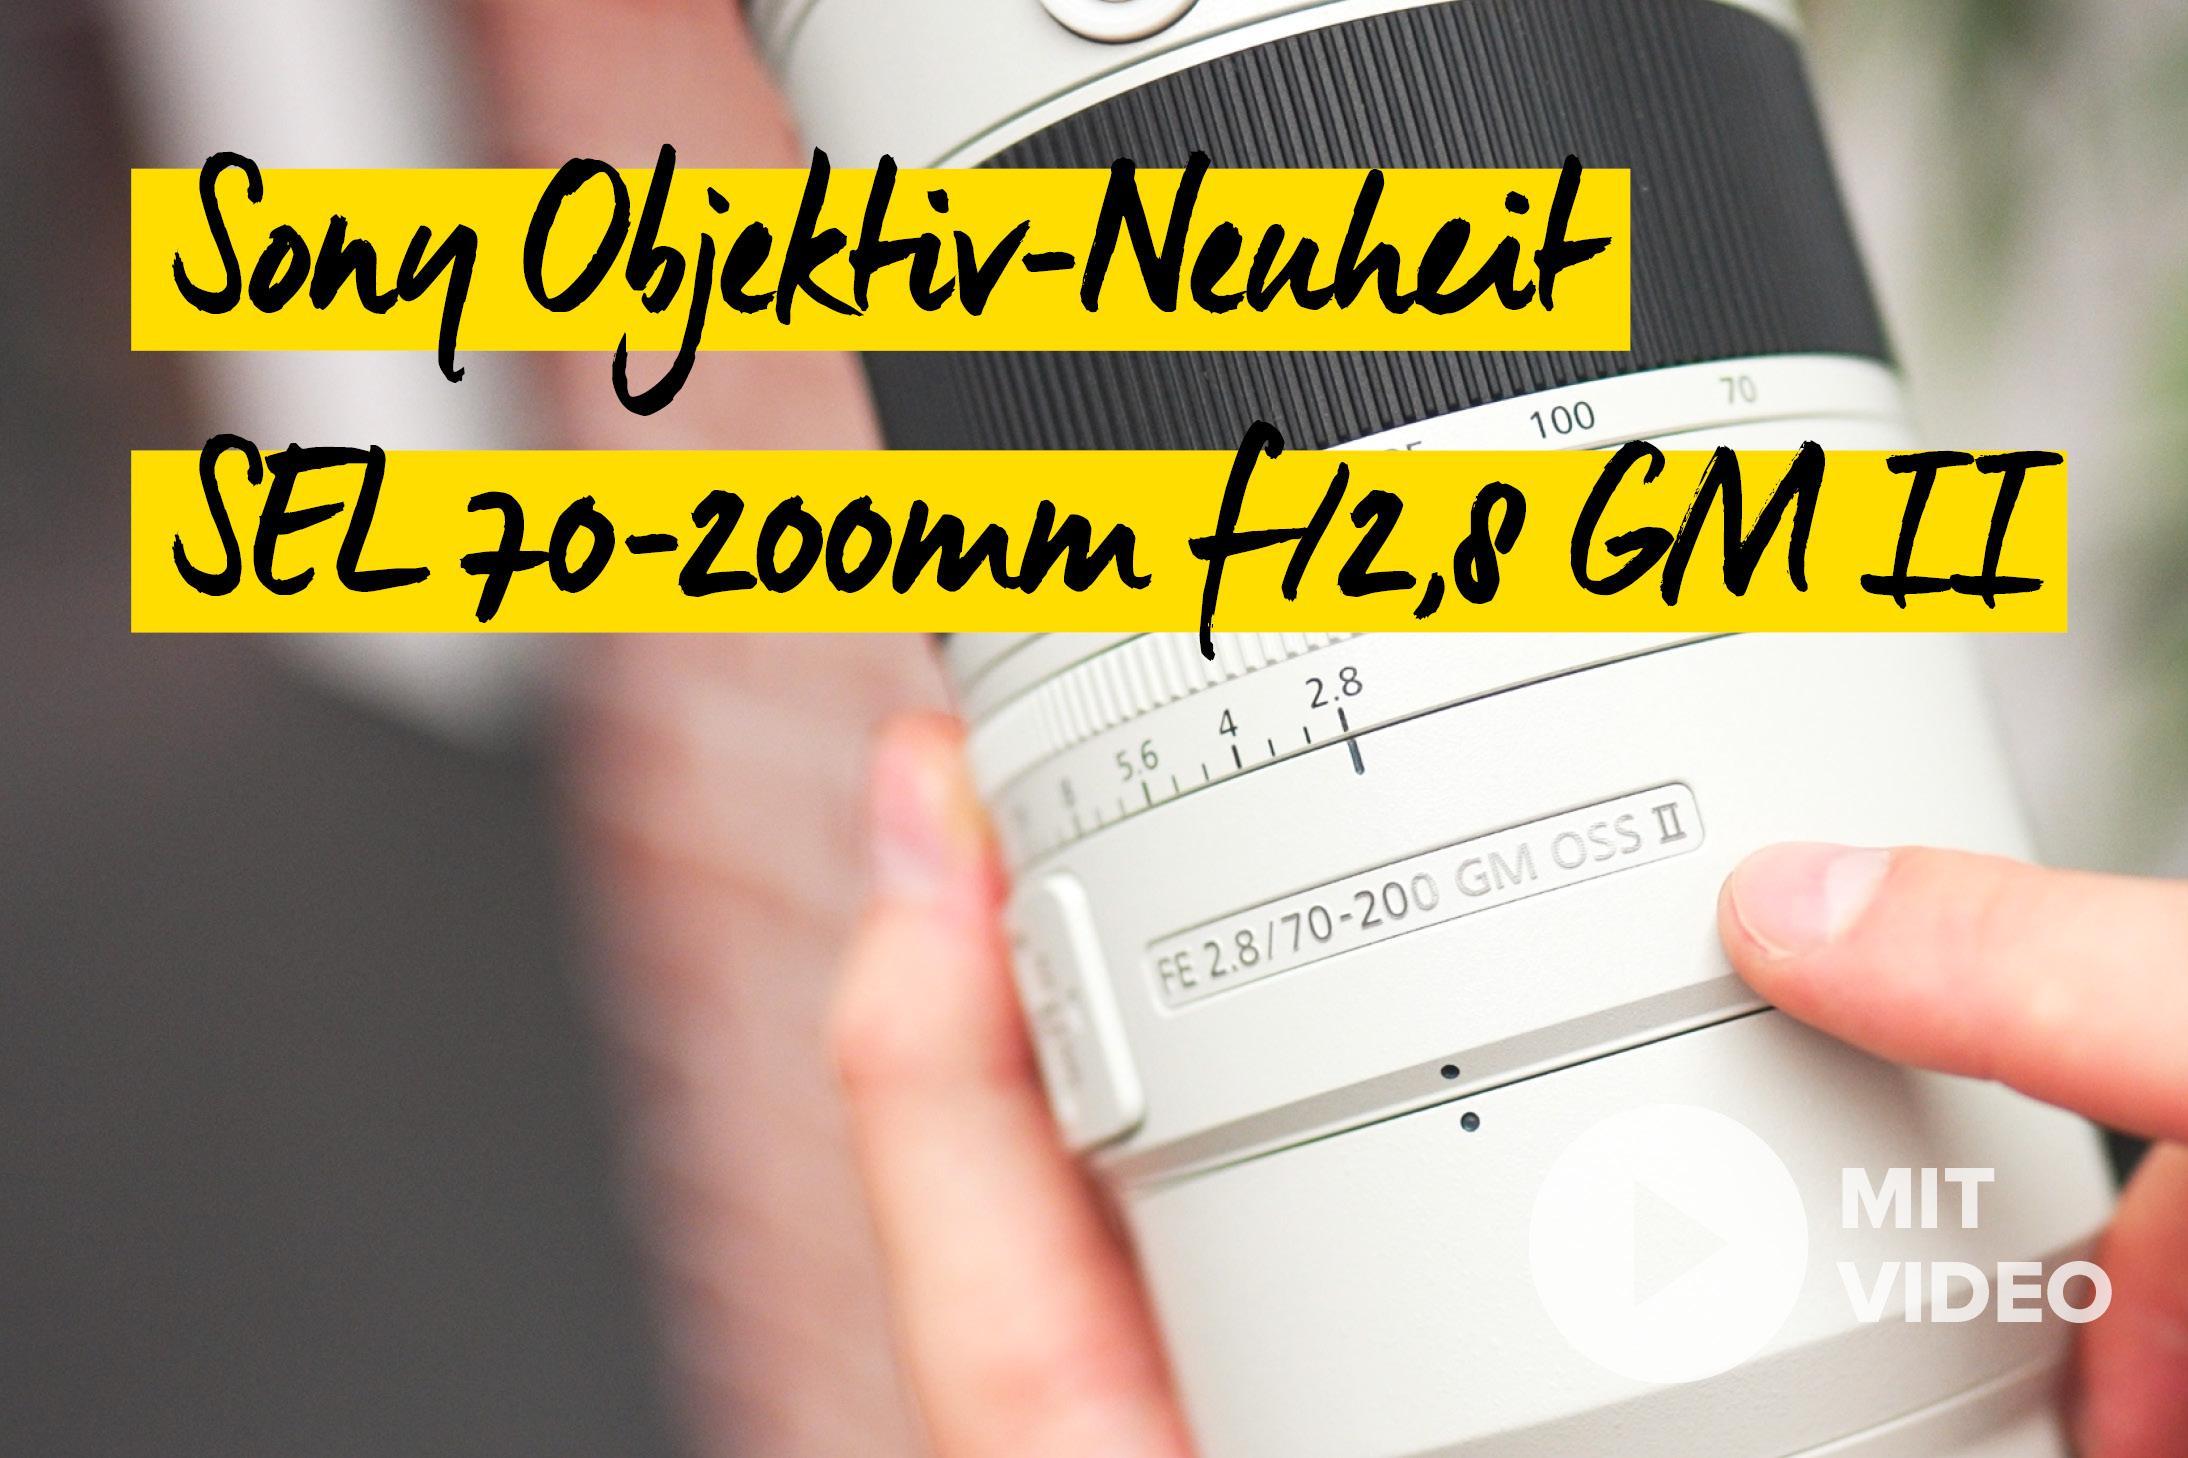 Sony SEL 70-200mm f/2,8 GM OSS II: Leichter, schneller, schärfer